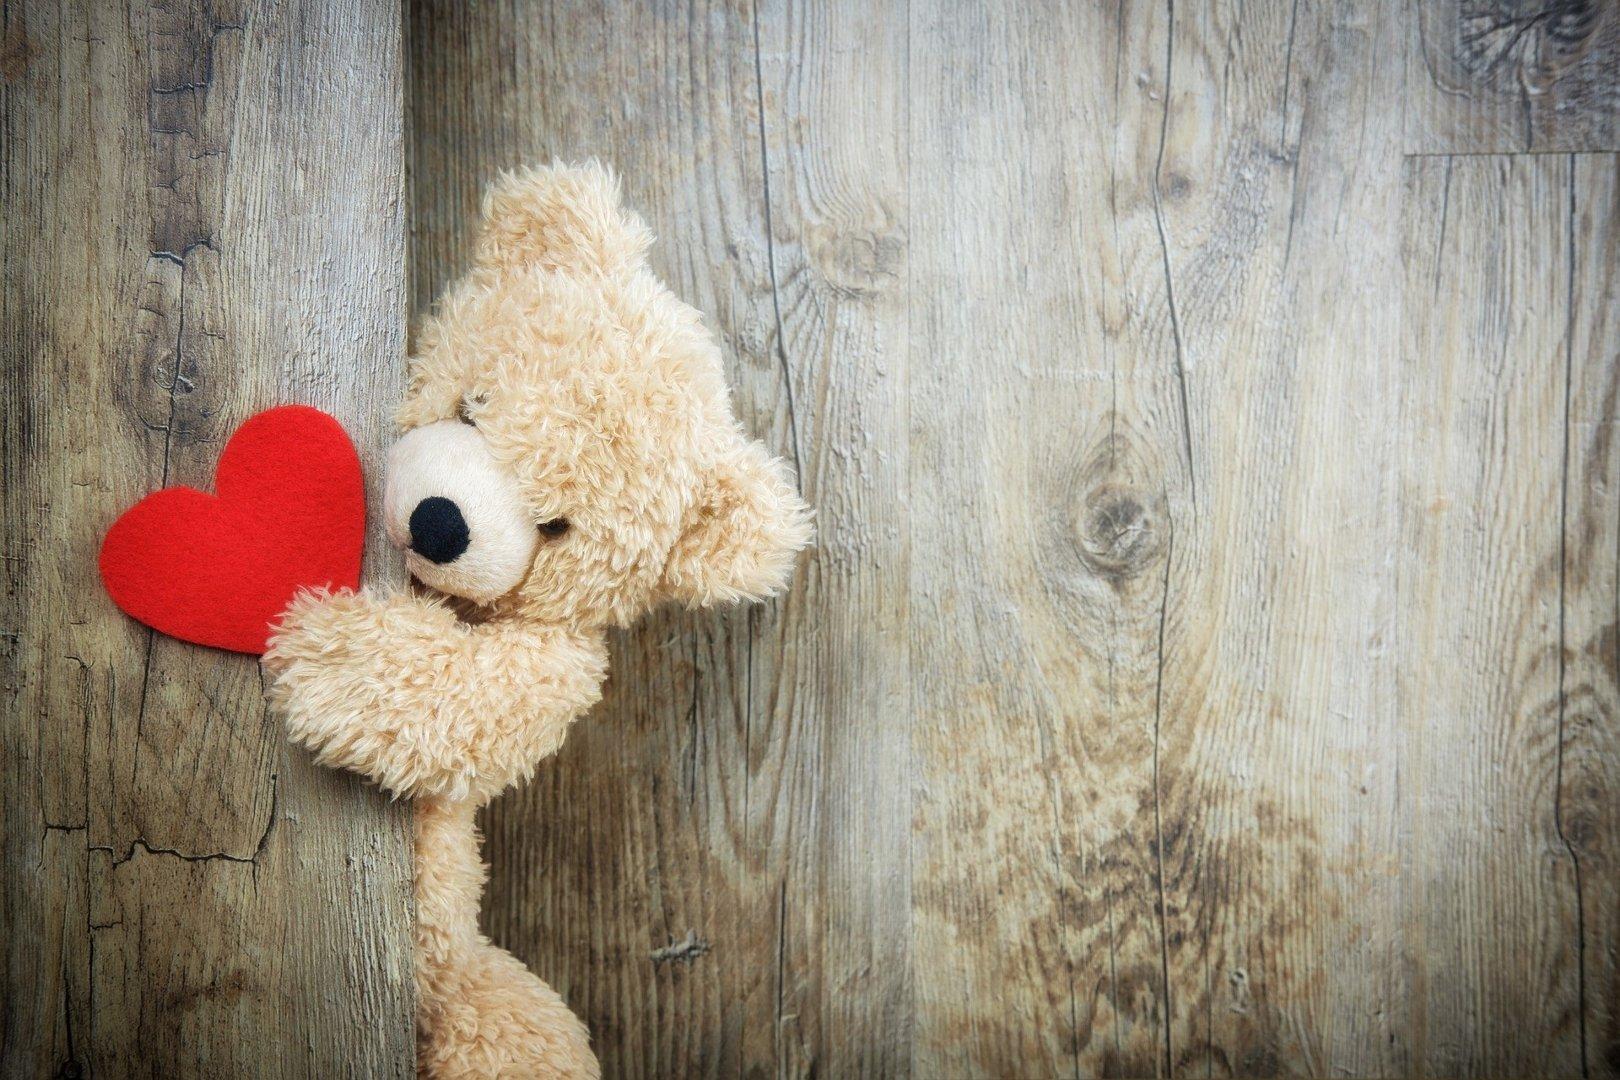 Walentynki 14 Lutego Wierszyki Dla Niej I Dla Niego Jakie